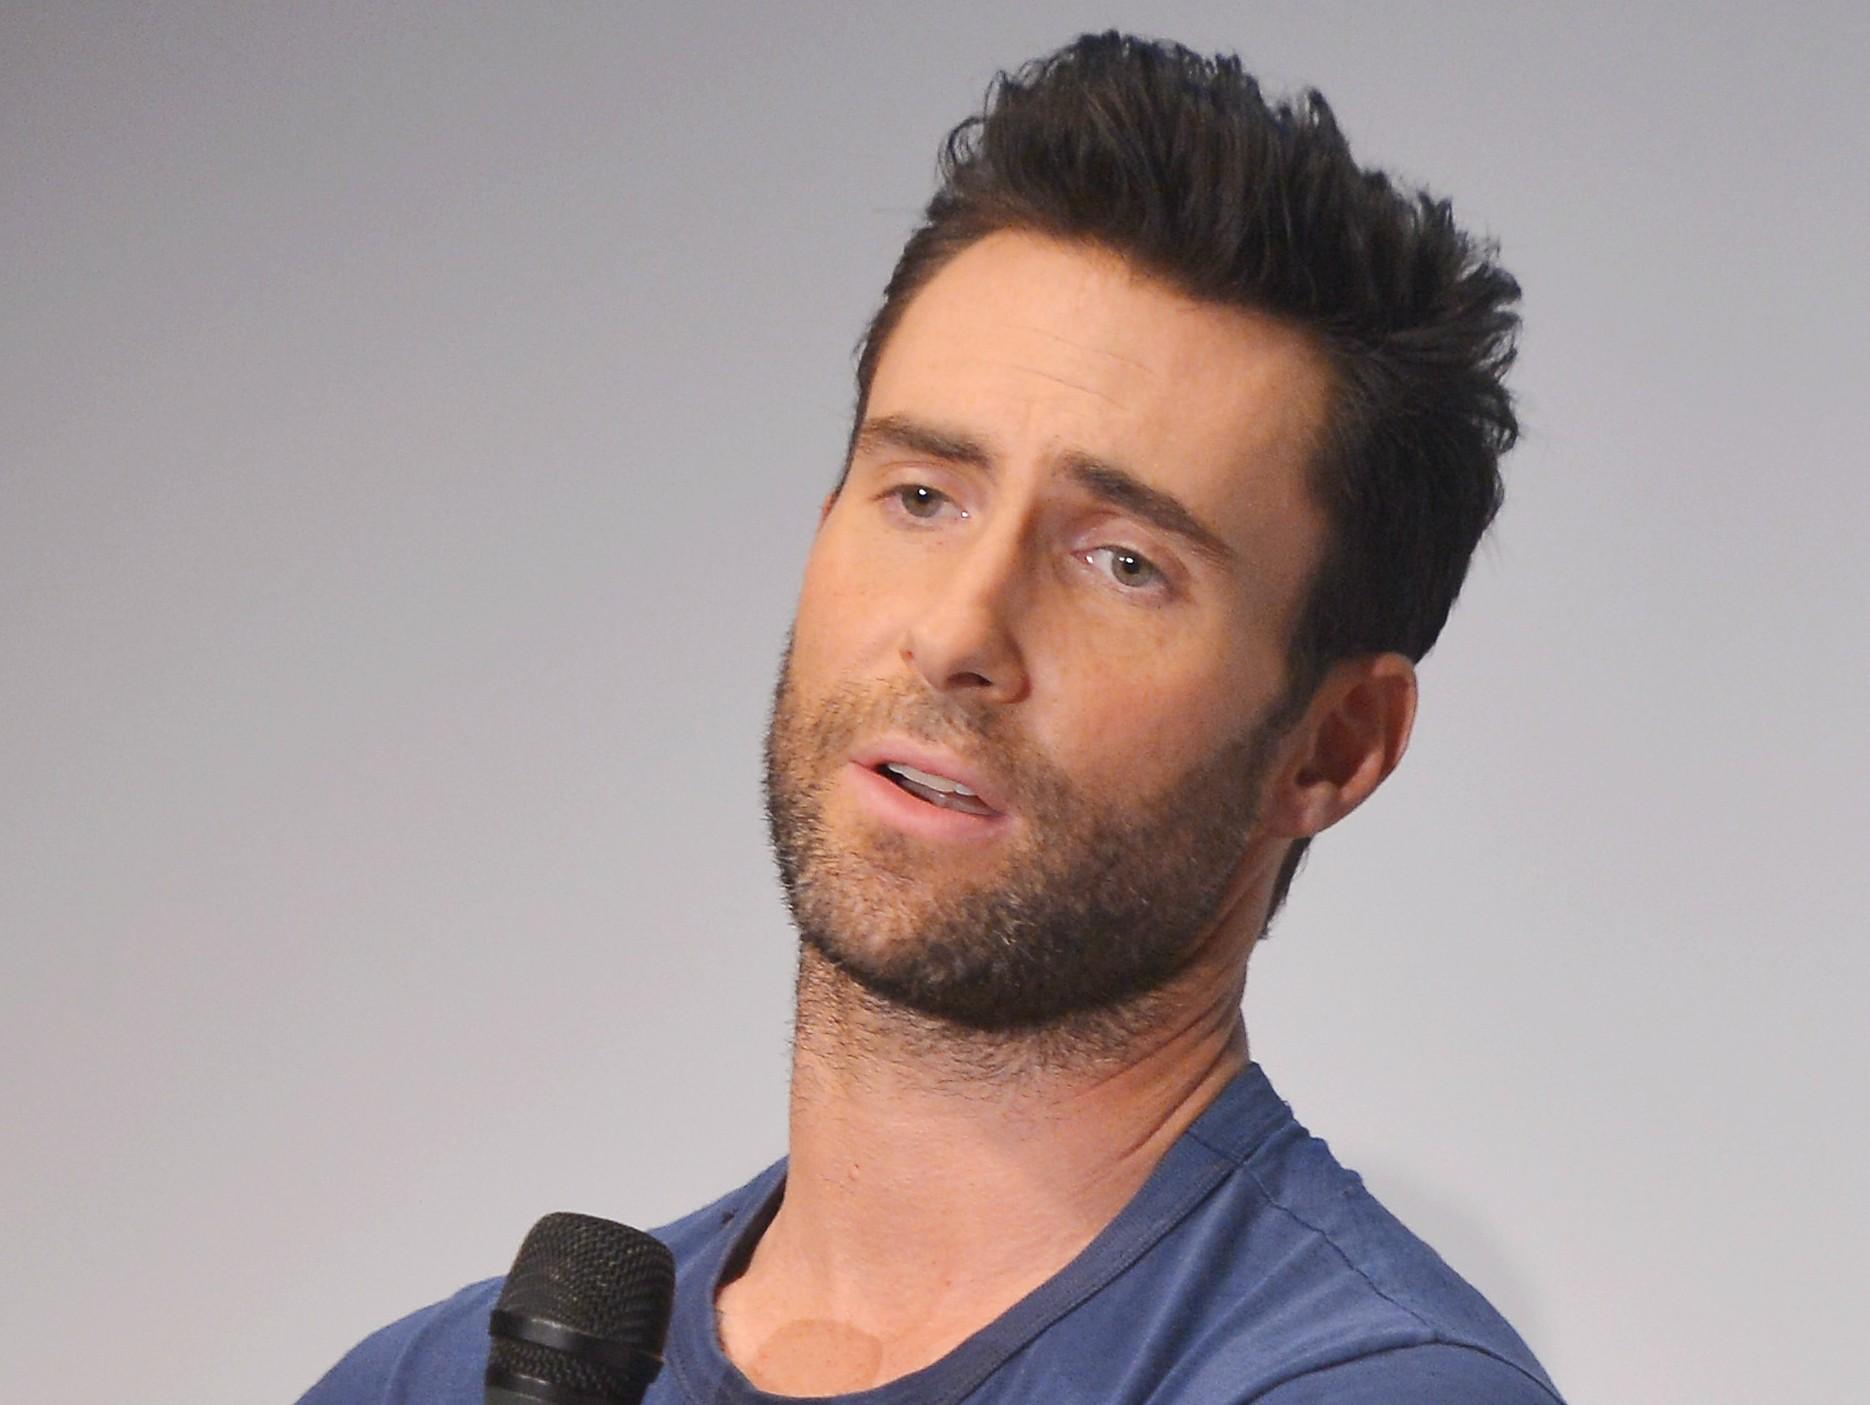 """""""Eu amo atenção. Não posso ficar sem tê-la para mim"""" — Adam Levine, do Maroon 5, à revista 'Details' em 2012. (Foto: Getty Images)"""